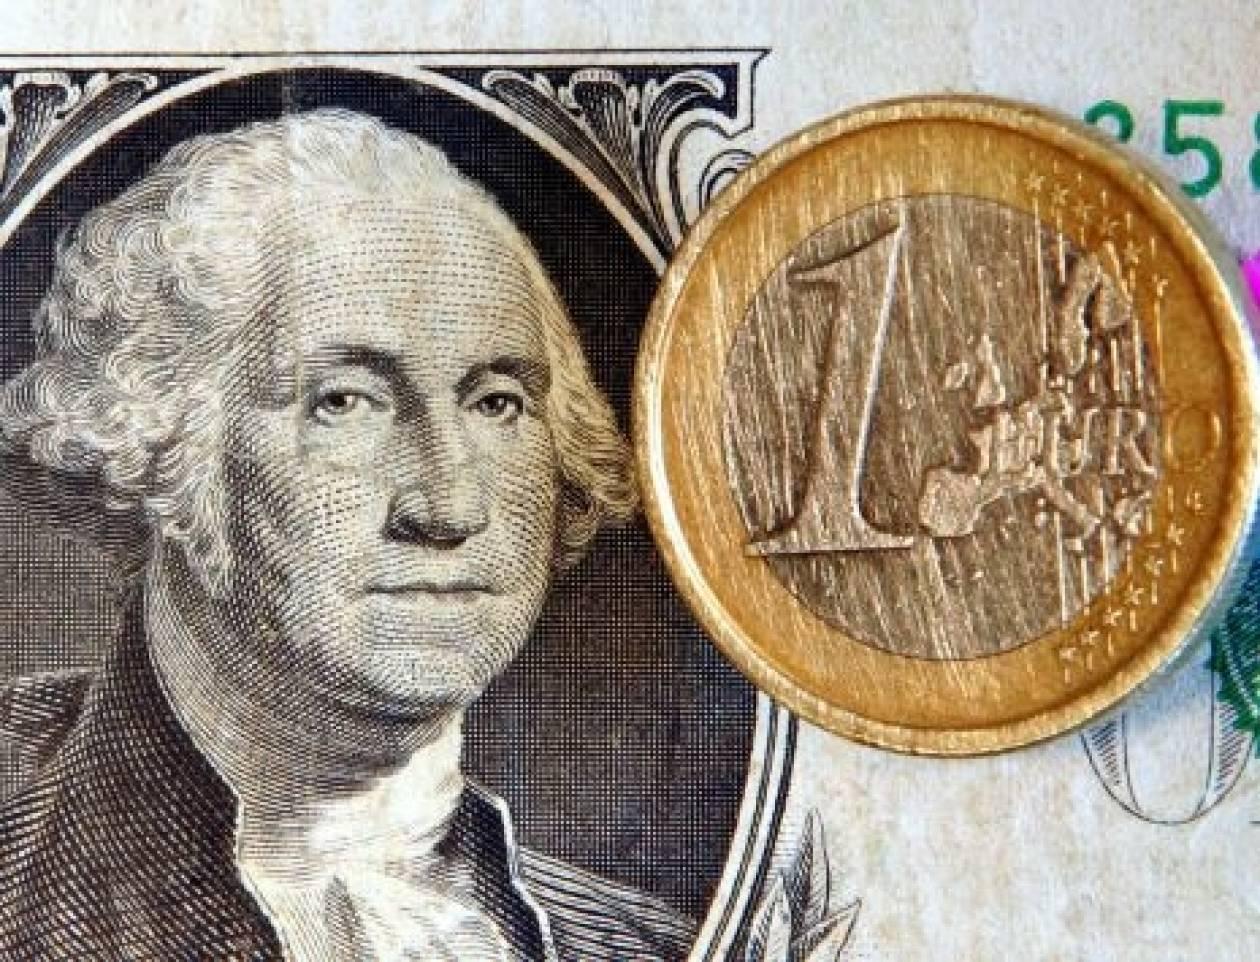 Το ευρώ υποχωρεί κατά 0,29% και διαμορφώνεται στα 1,3210 δολάρια